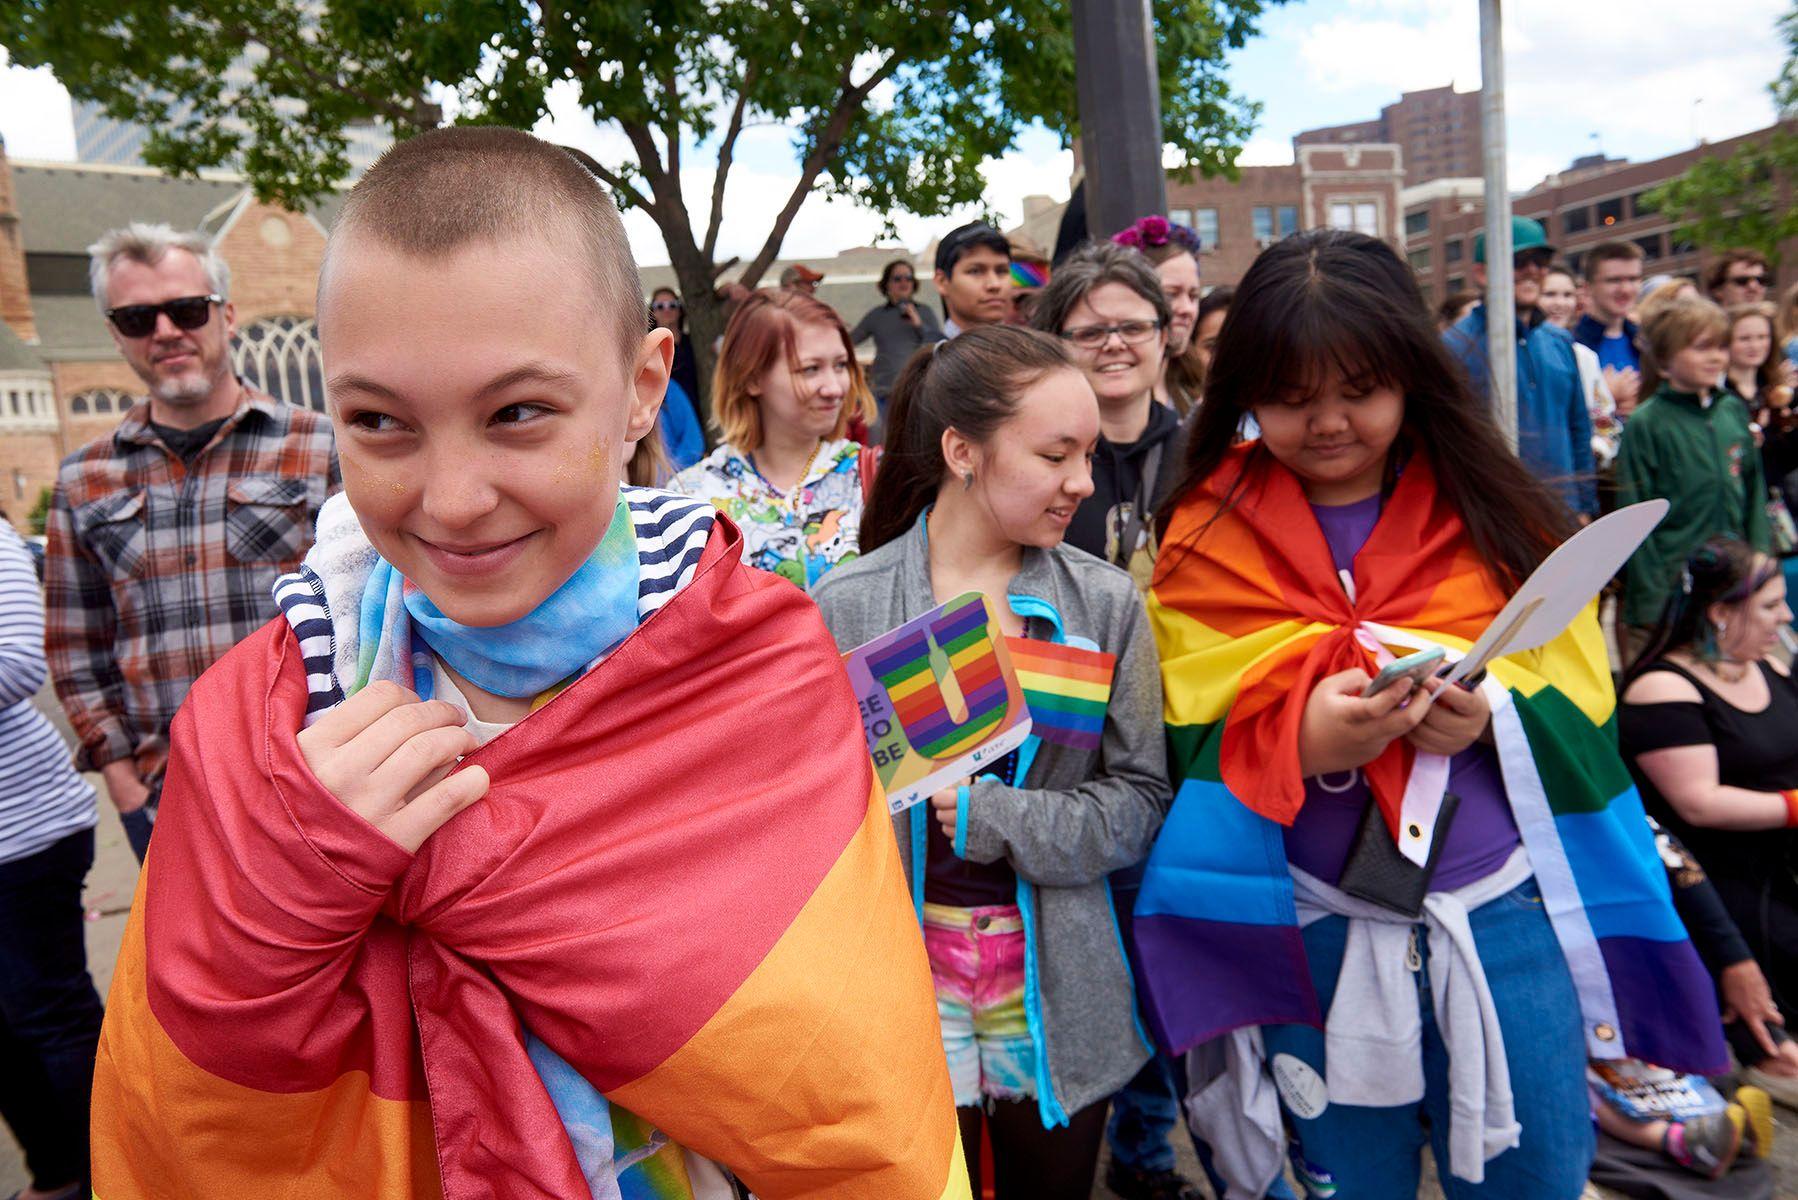 TC_Pride_170625_TN_0651lb.jpg